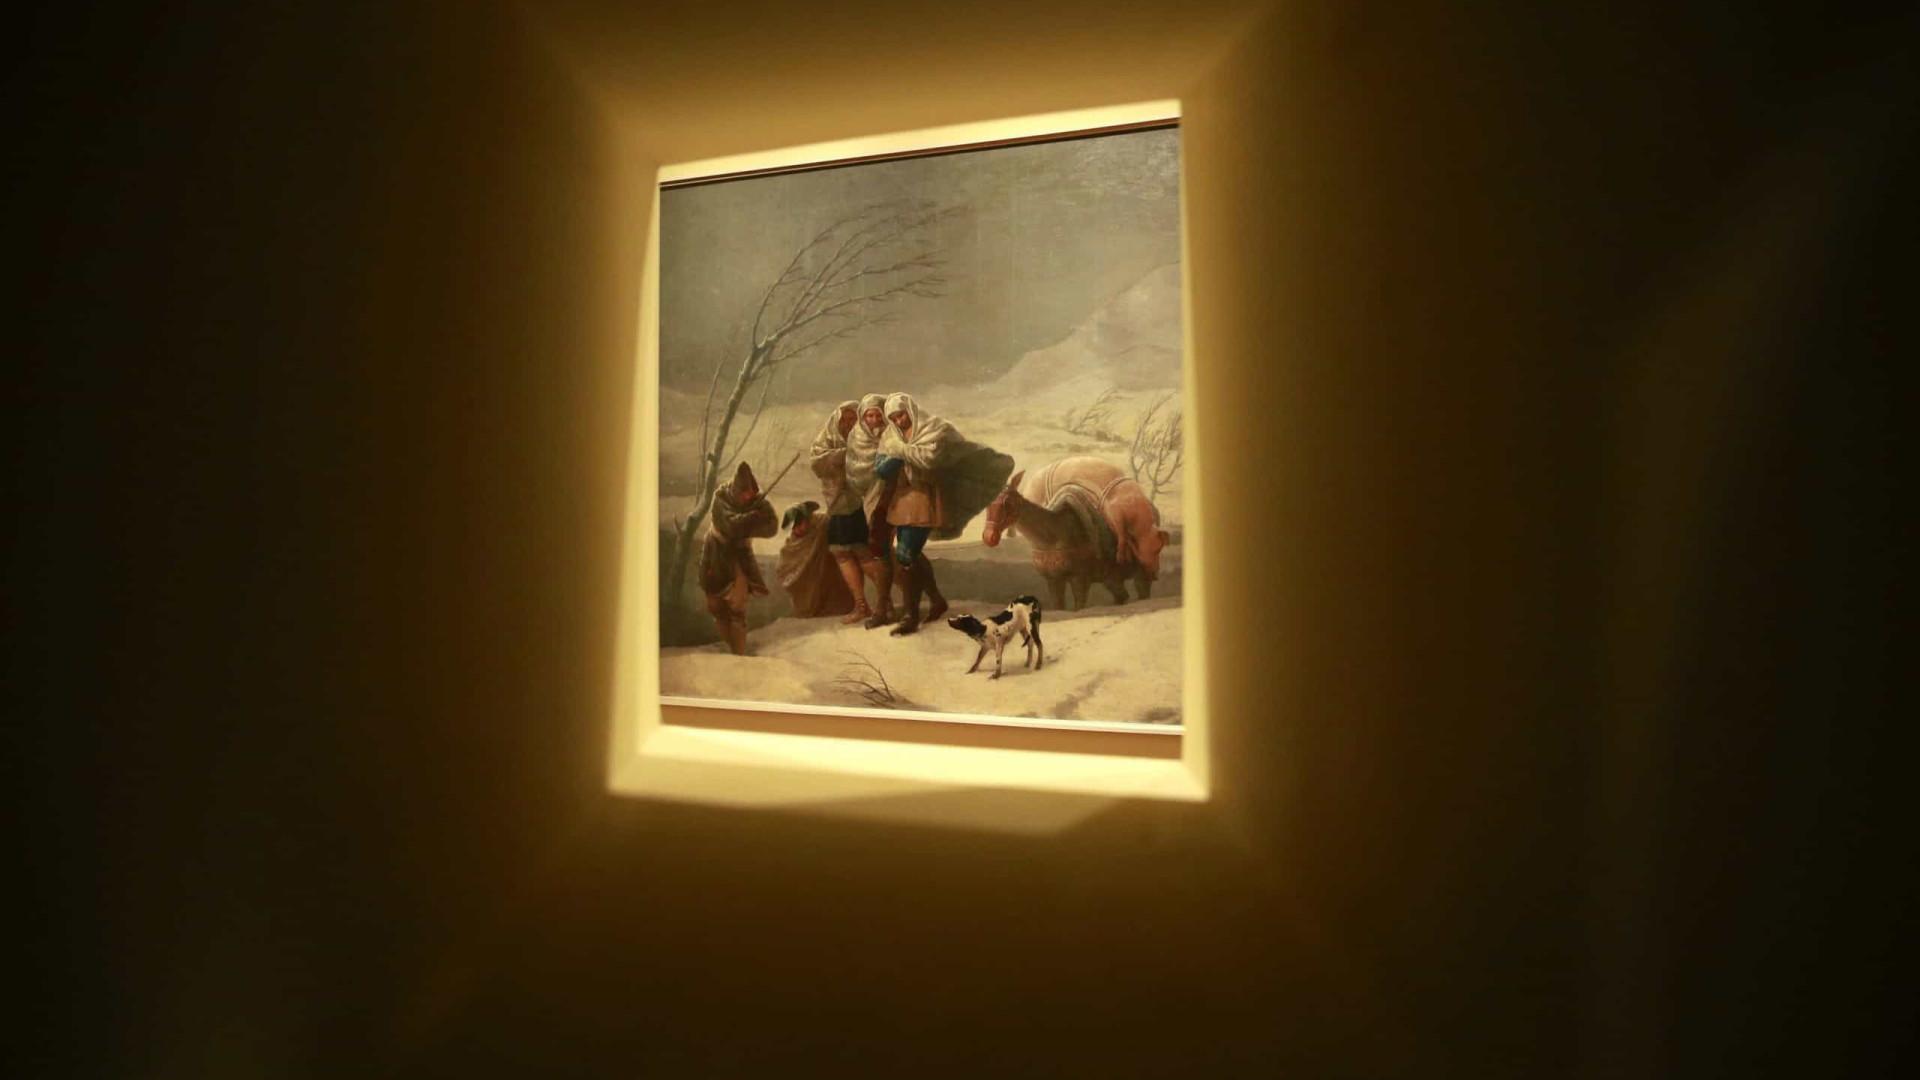 Museus Rainha Sofia e do Prado em Espanha reabrem dia 6 de junho